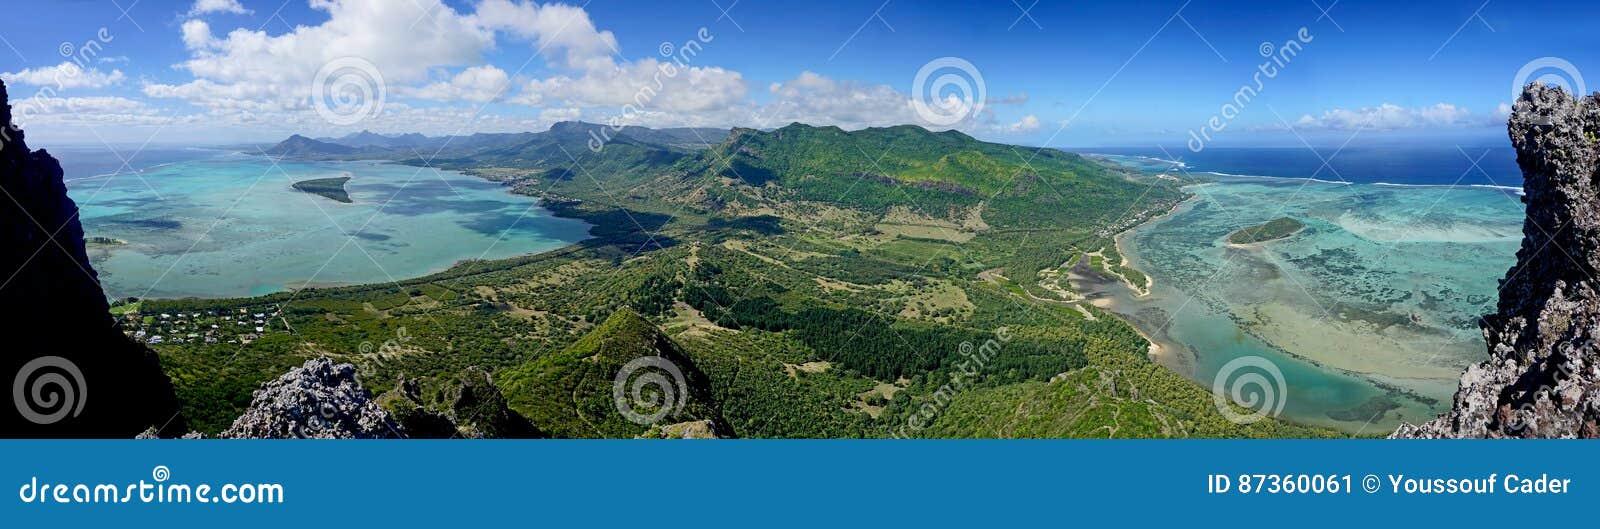 Panoramasikt från berget för Le Morne Brabant en UNESCOvärldsheri